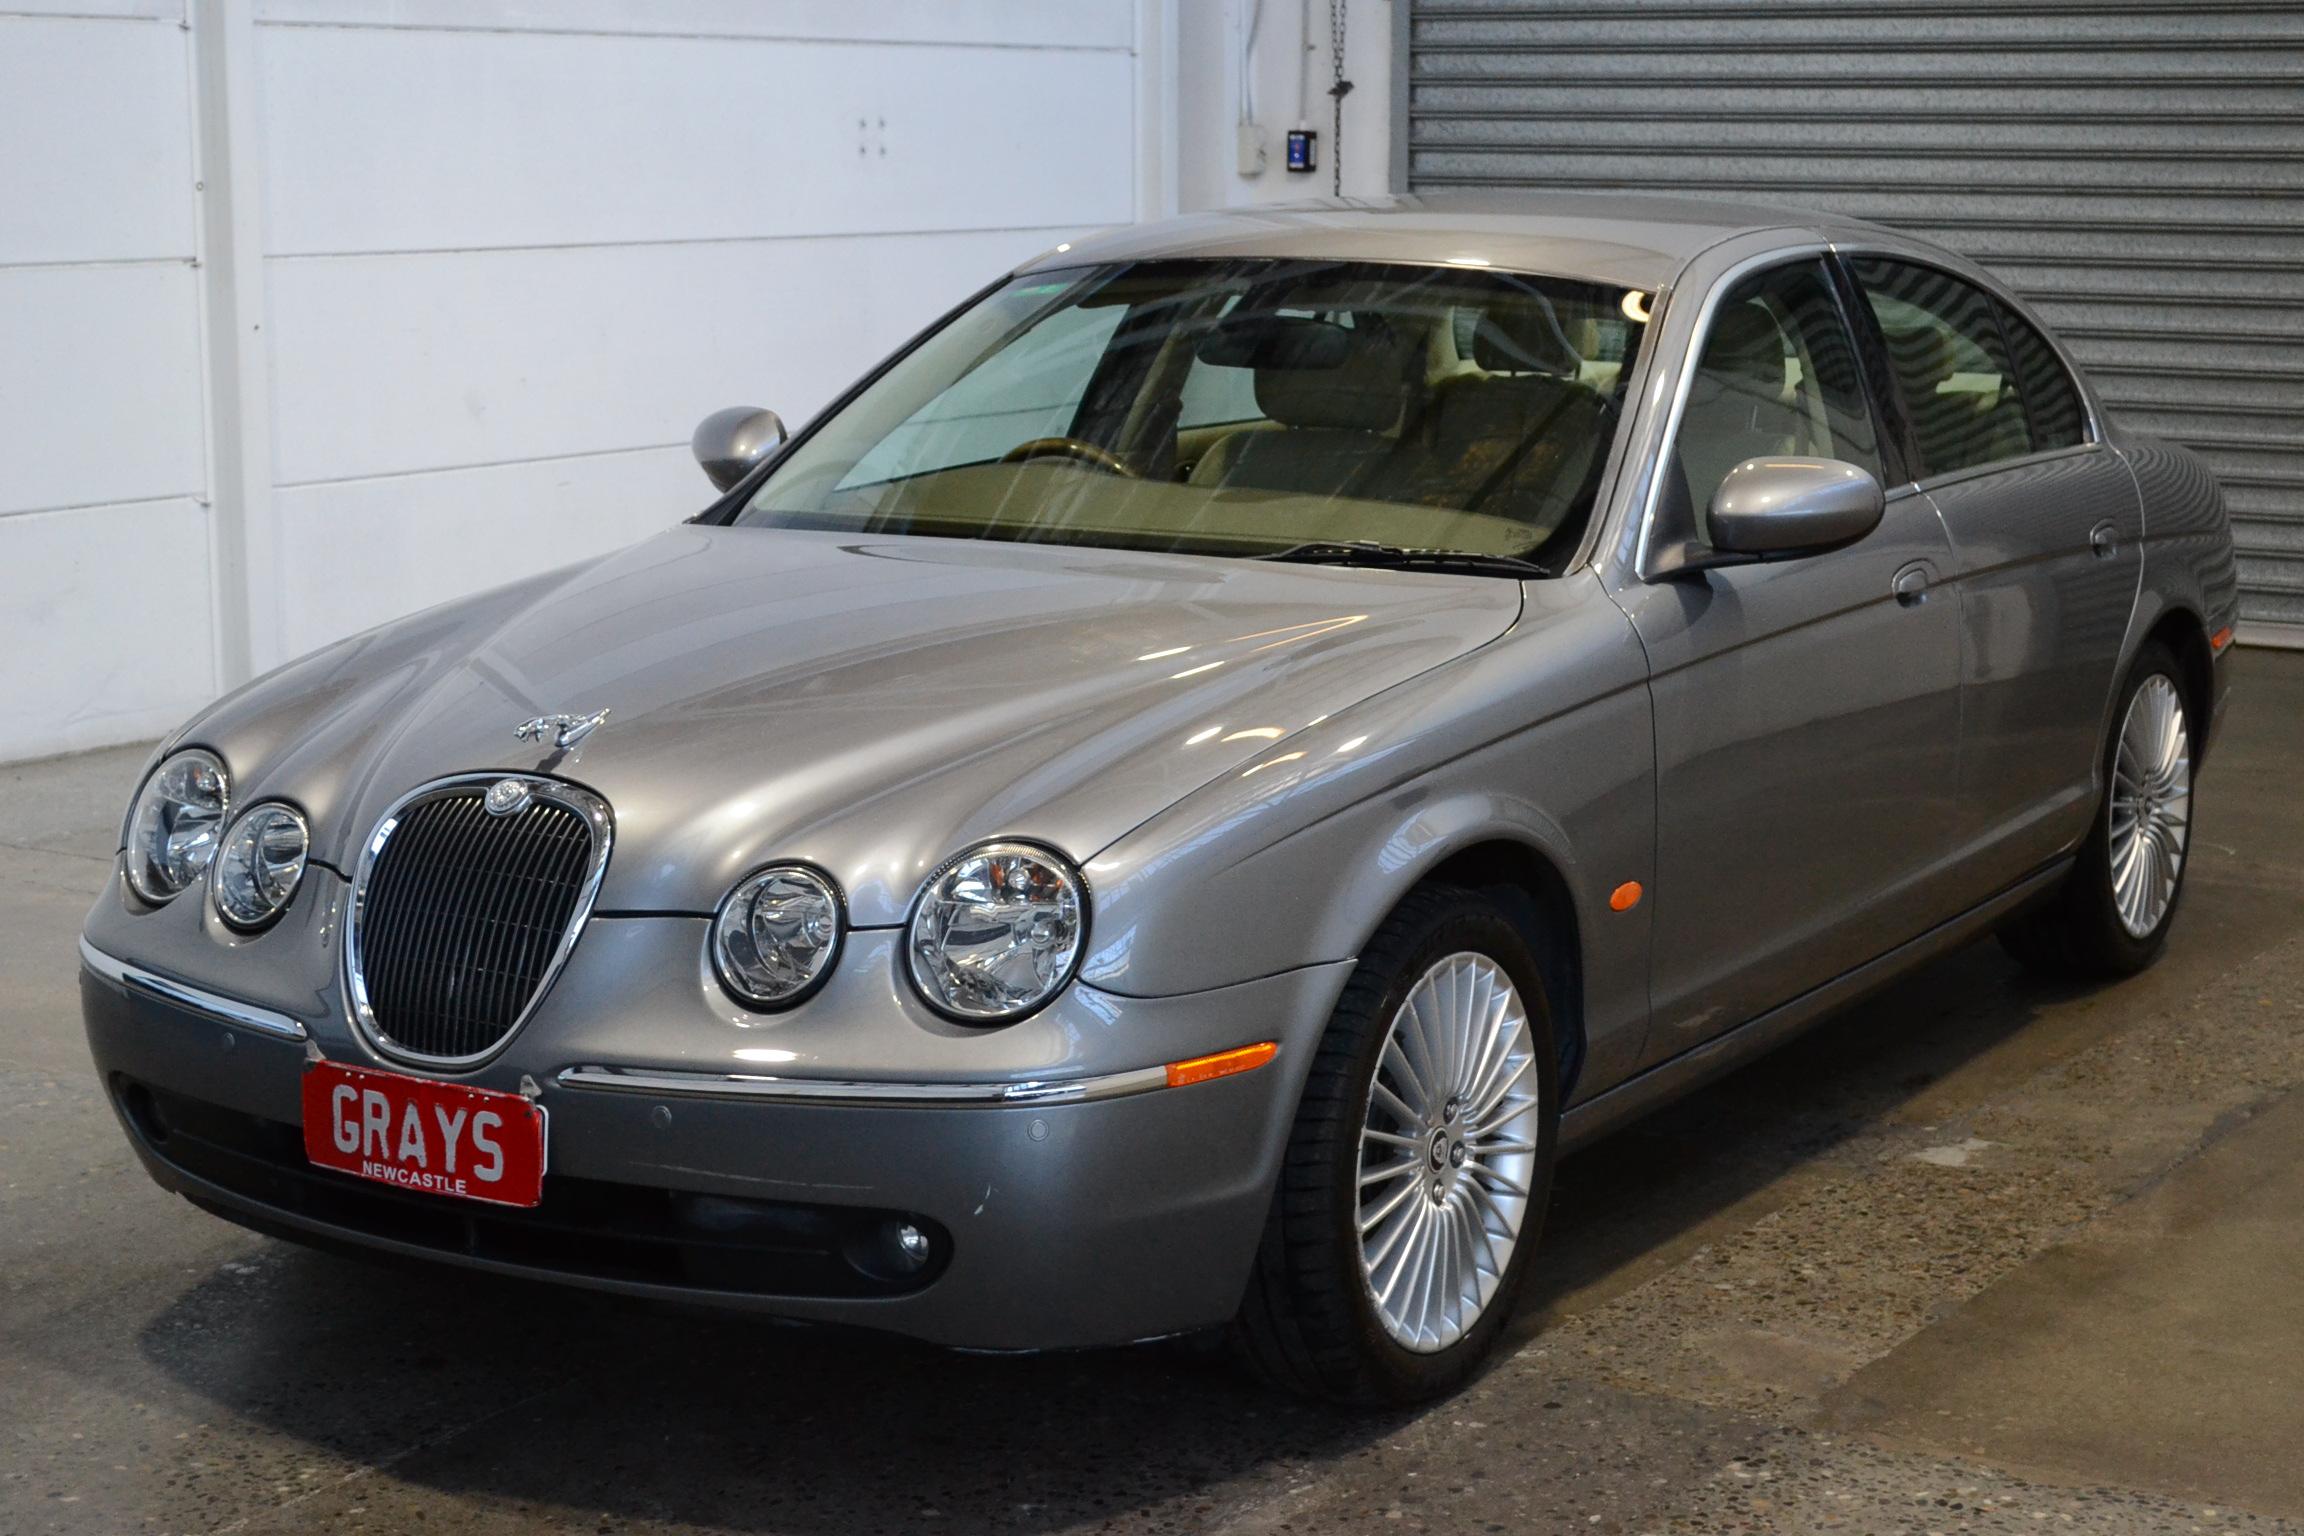 2006 Jaguar S Type V6 SE X204 Automatic Sedan